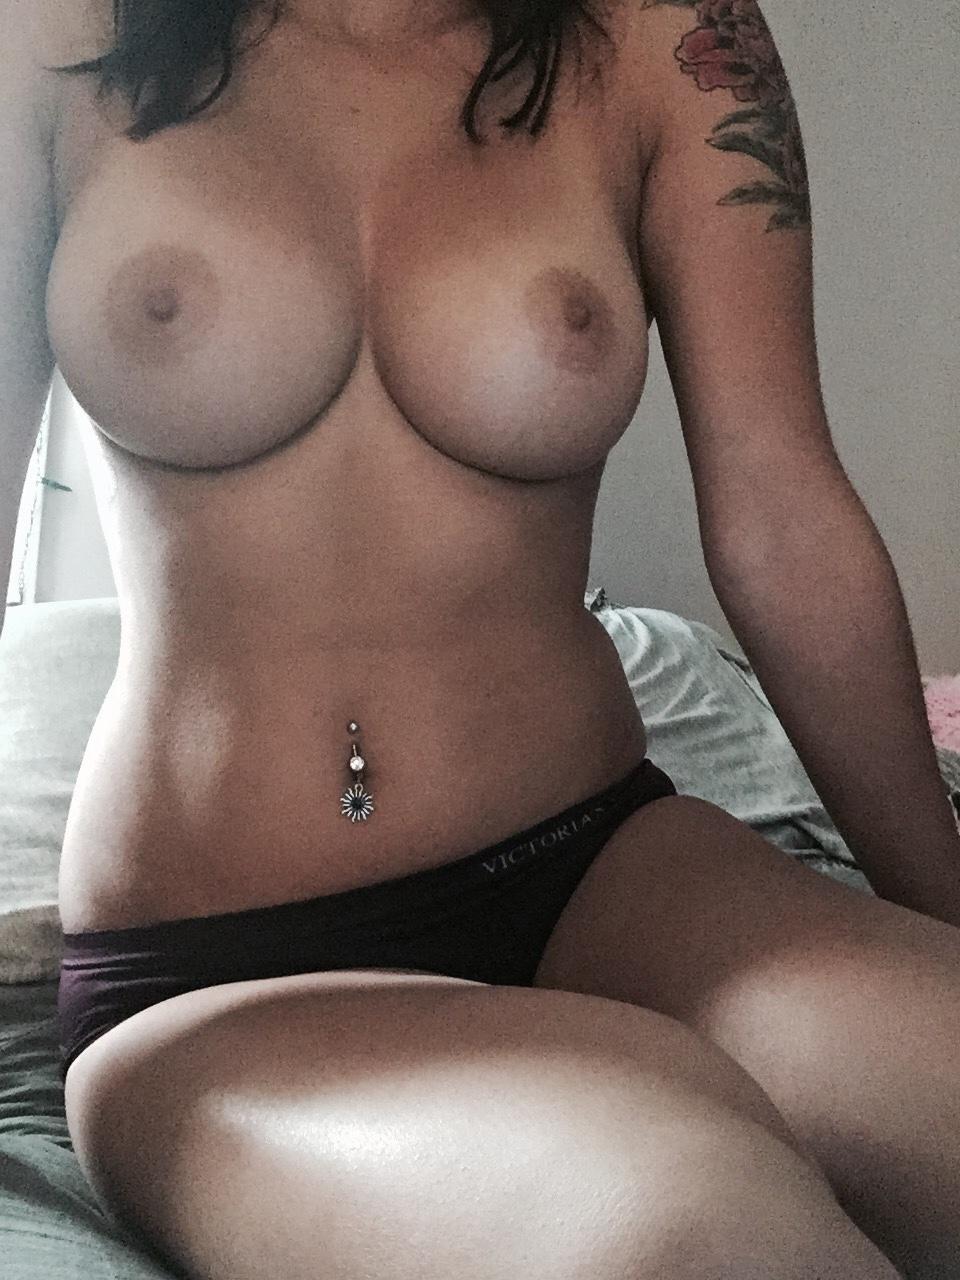 Las tetas de Evas son magníficas, absolutamente perfectas, ella es la MILF más caliente en el porno con las mejores tetas en ... ¡Chica desnuda con tetas enormes y perfección de culo con forma de burbuja!